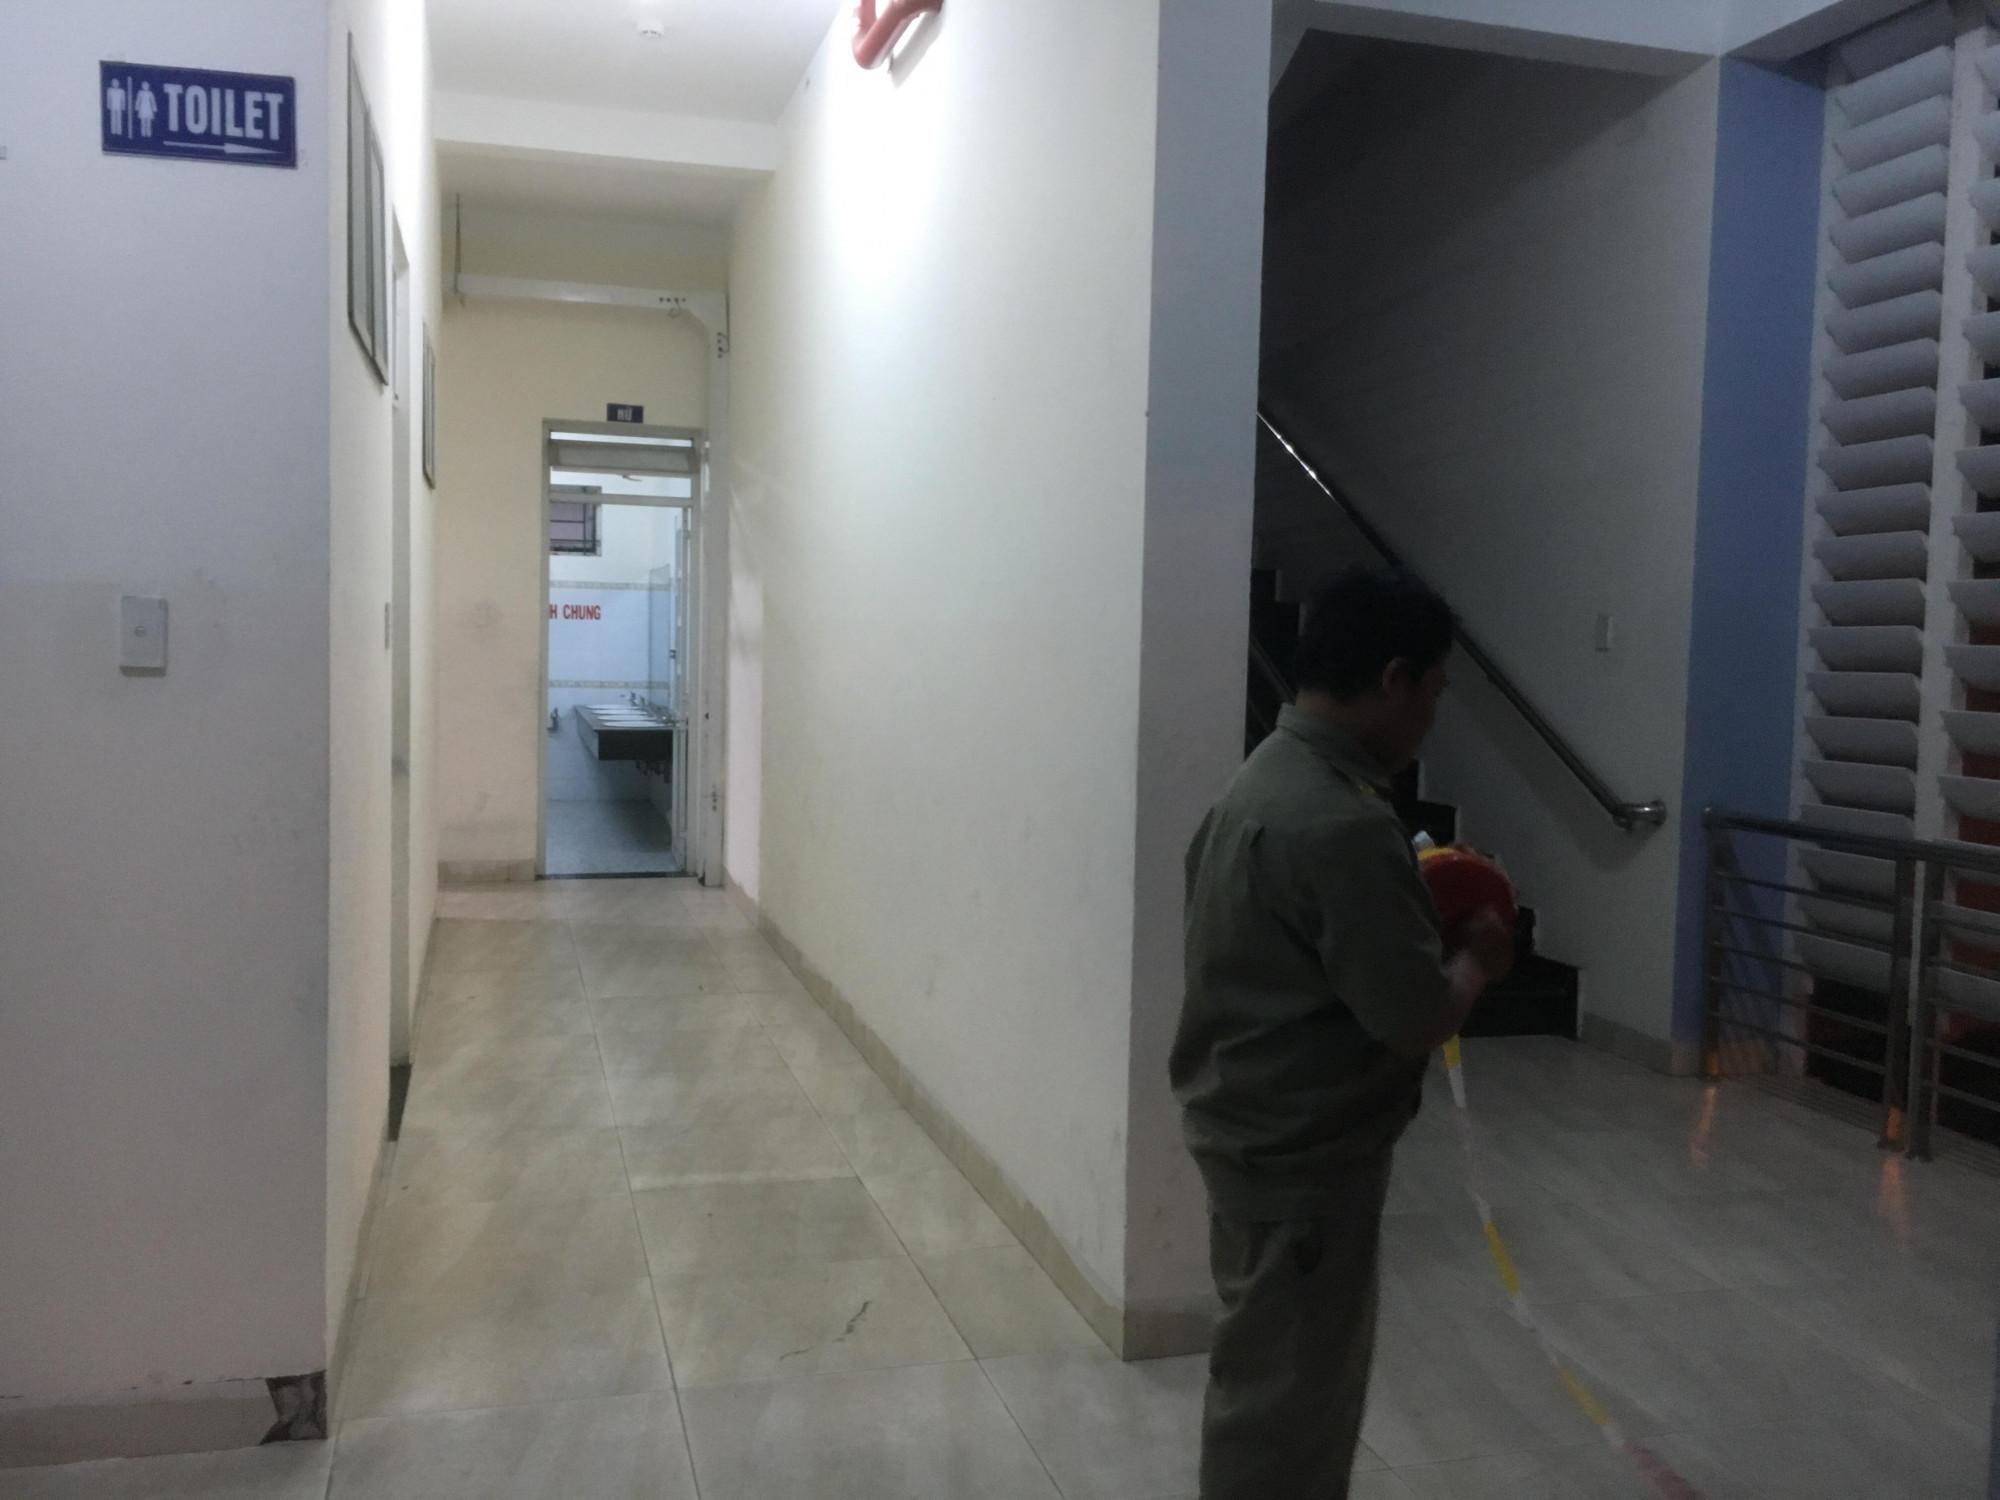 Nhà vệ sinh nơi đối tượng thực hiện hành vi của mình